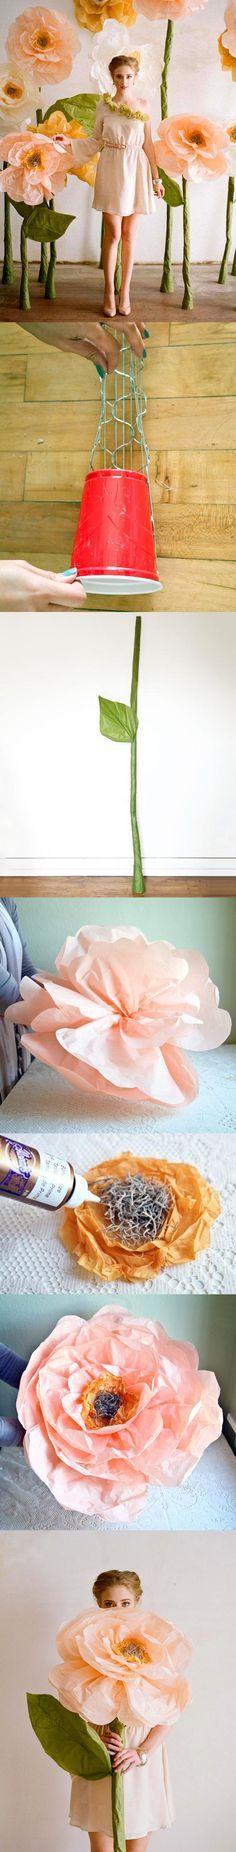 Giant Tissue Flower | Tutorial (some steps)